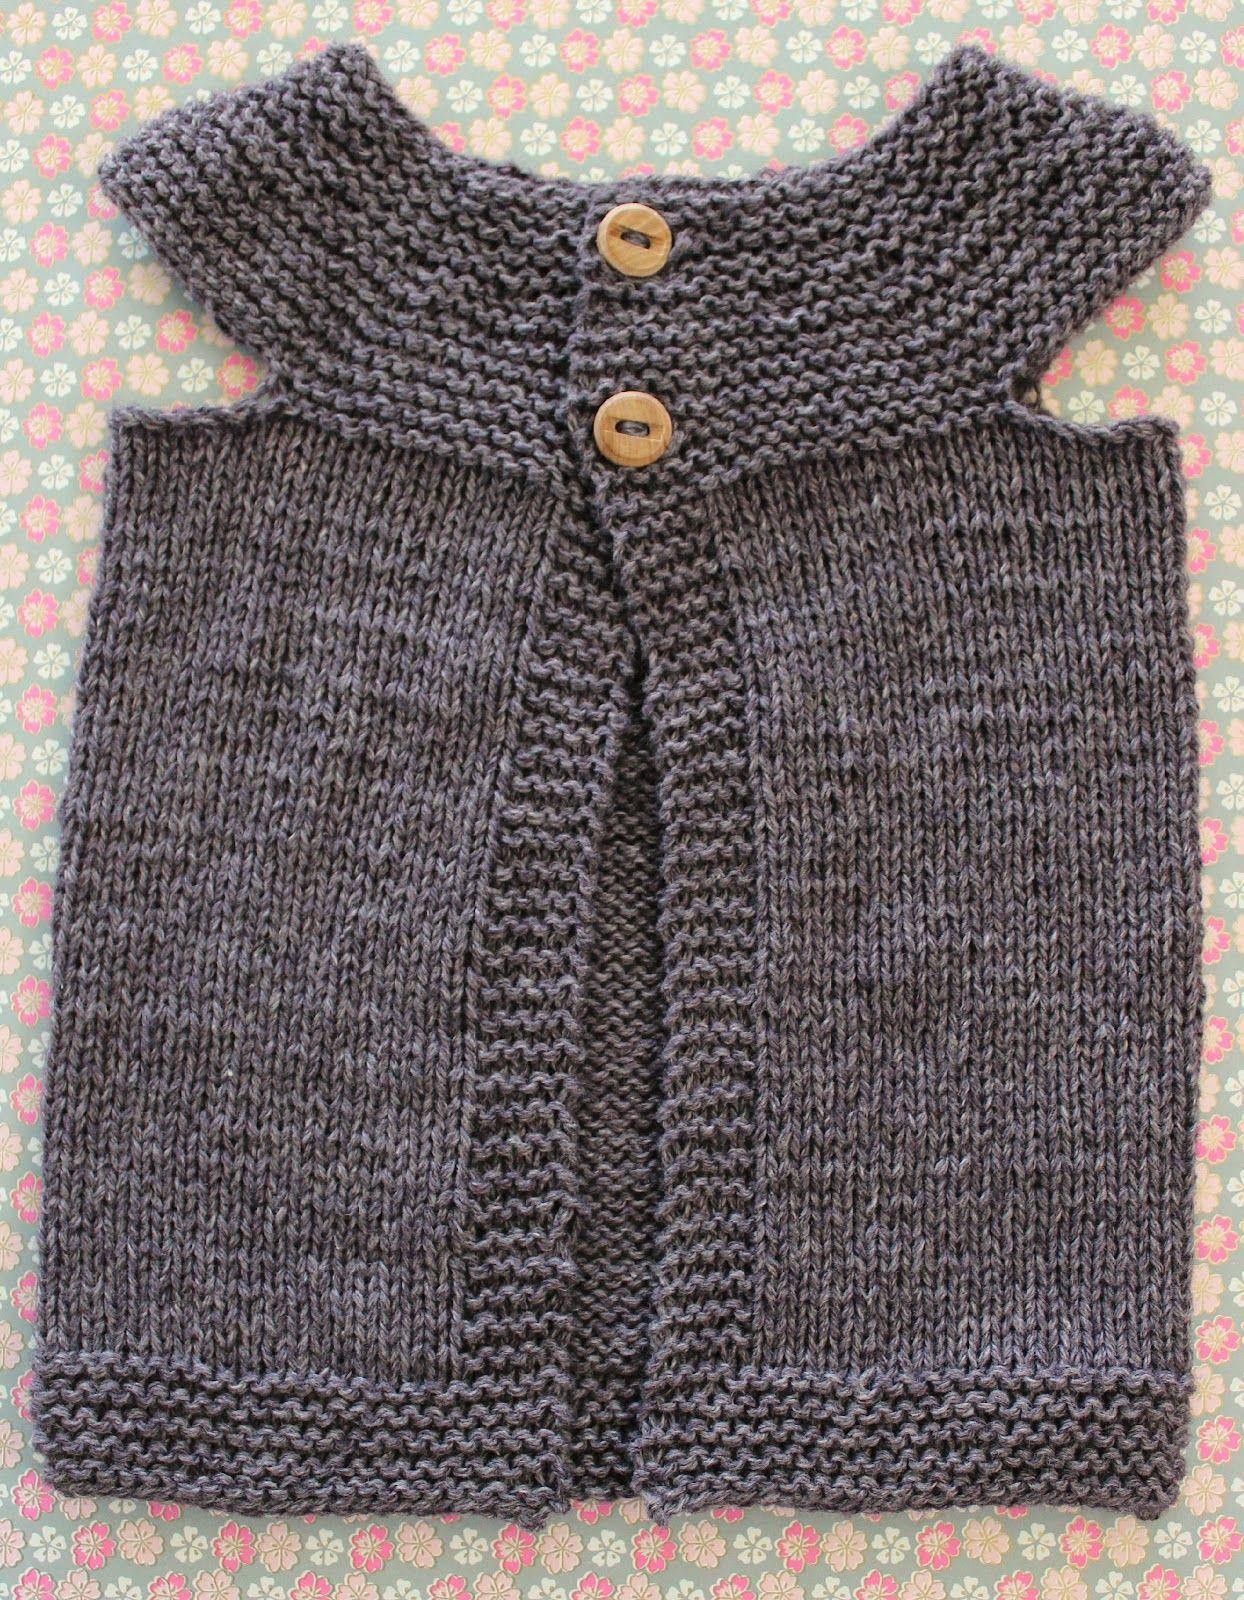 Frk.GarnGlad: VEST TIL EN LILLE FR�KEN - DIY  Knit Sweater #2dayslook #KnitSweater #susan257892 #ramirez701 #sasssjane    www.2dayslook.com